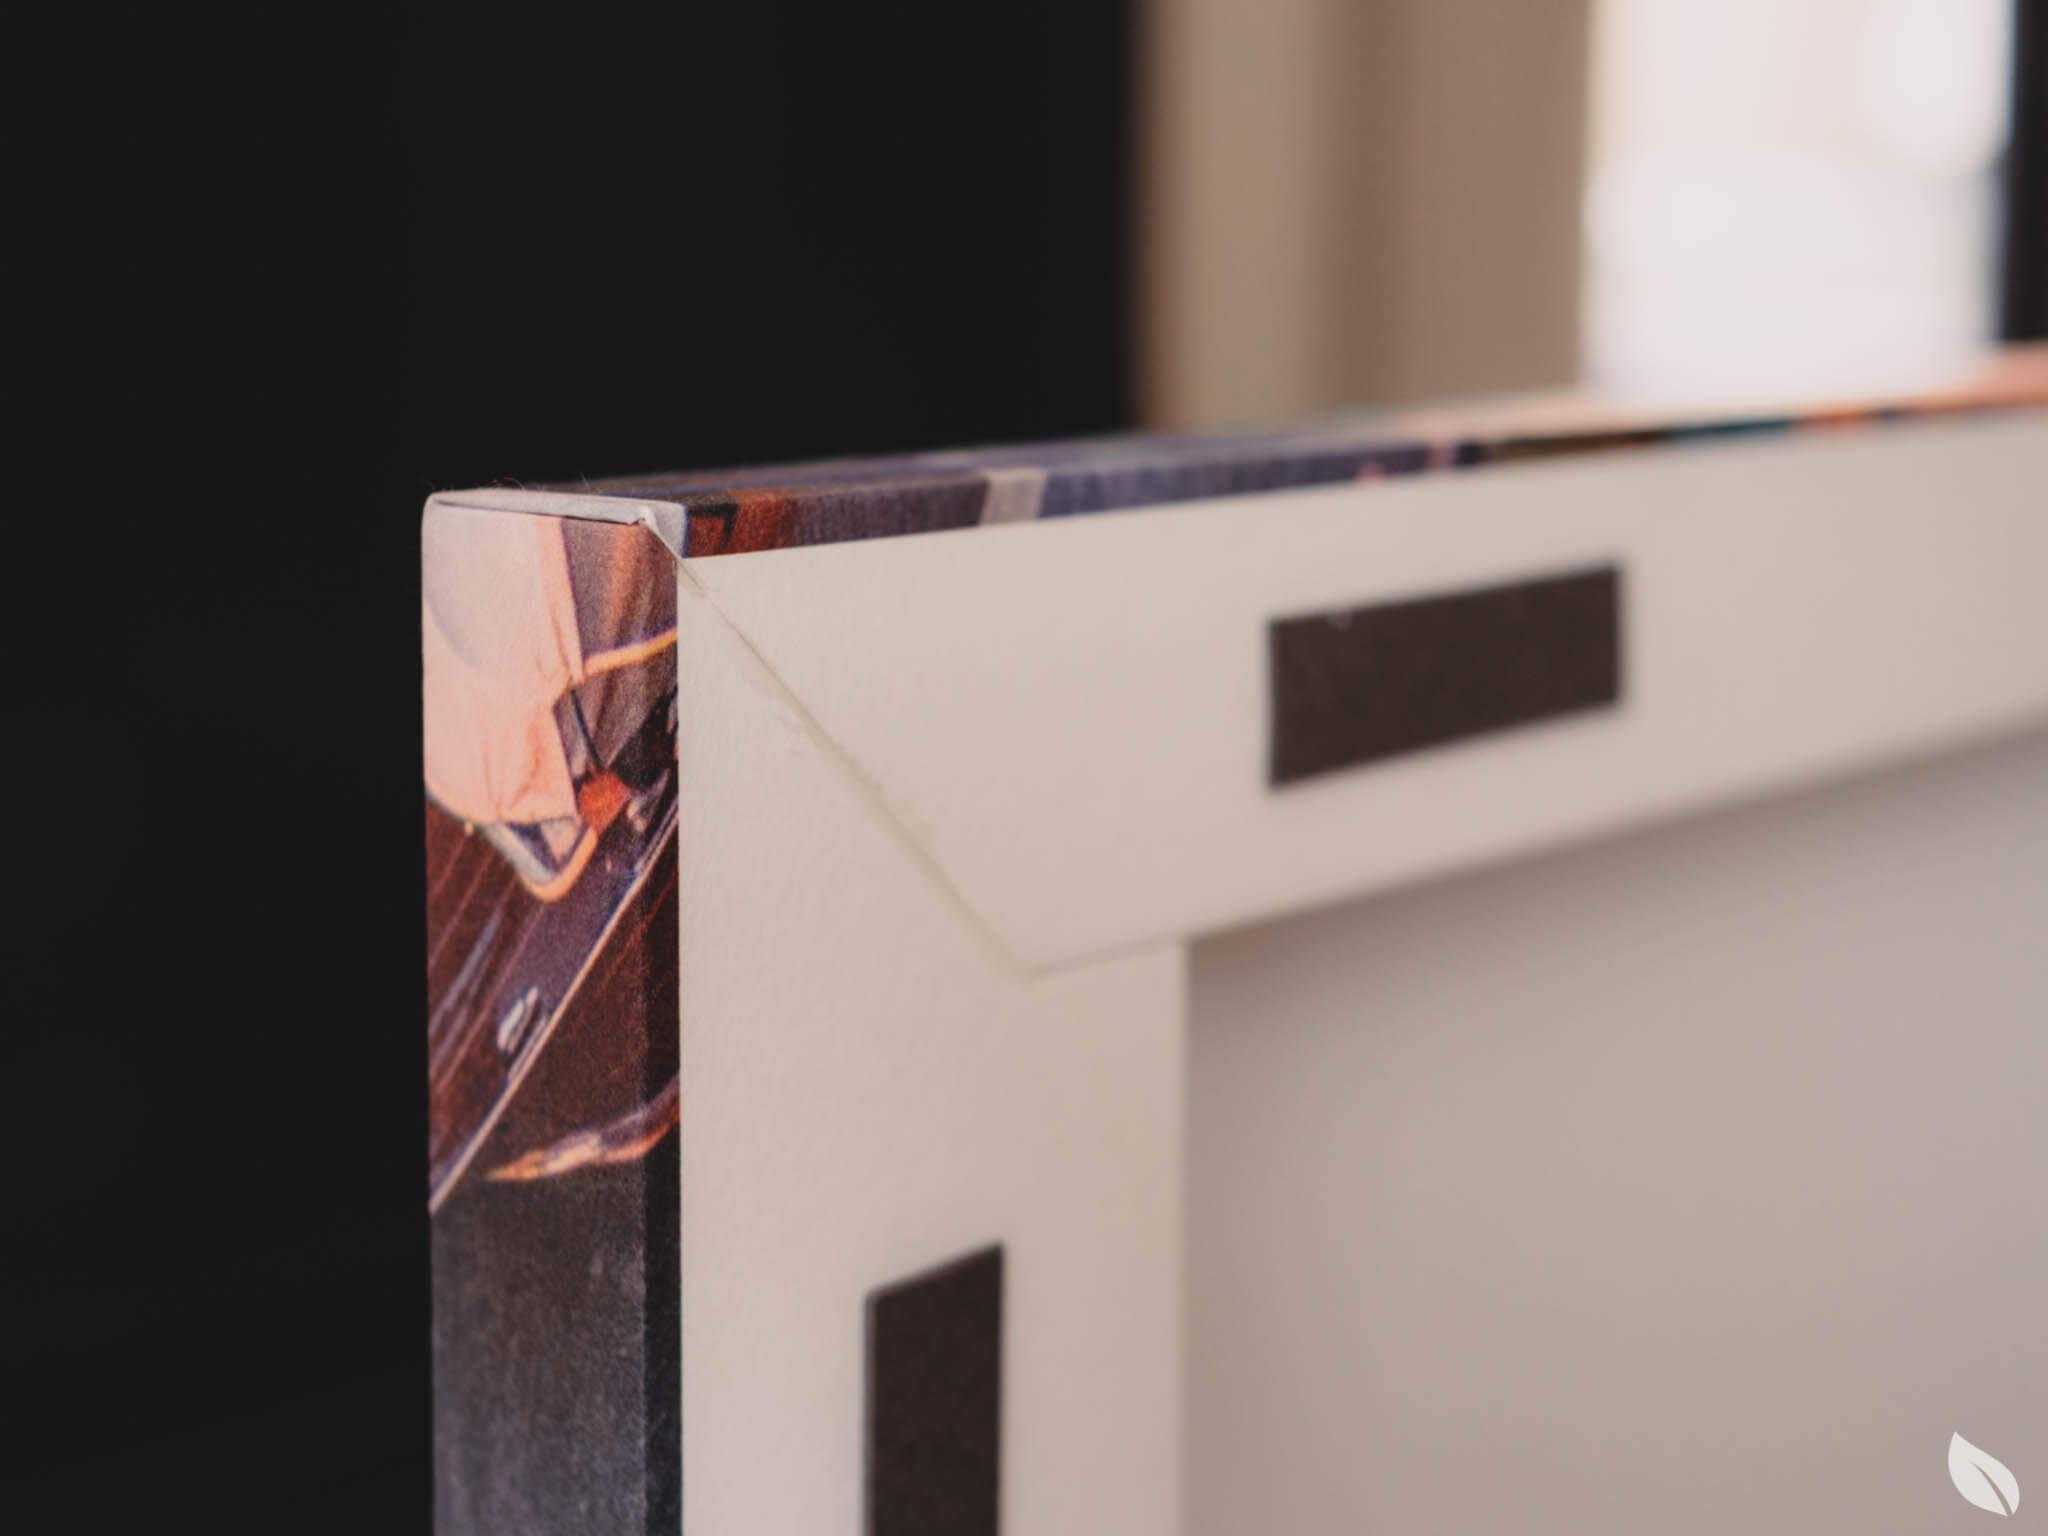 รีวิว 3 บริการจาก Photobook ภาพติดผนัง แคนวาส คุณภาพระดับโลก ออกแบบเองได้ #แจกโค้ดลด90% 🚨 26 - decor